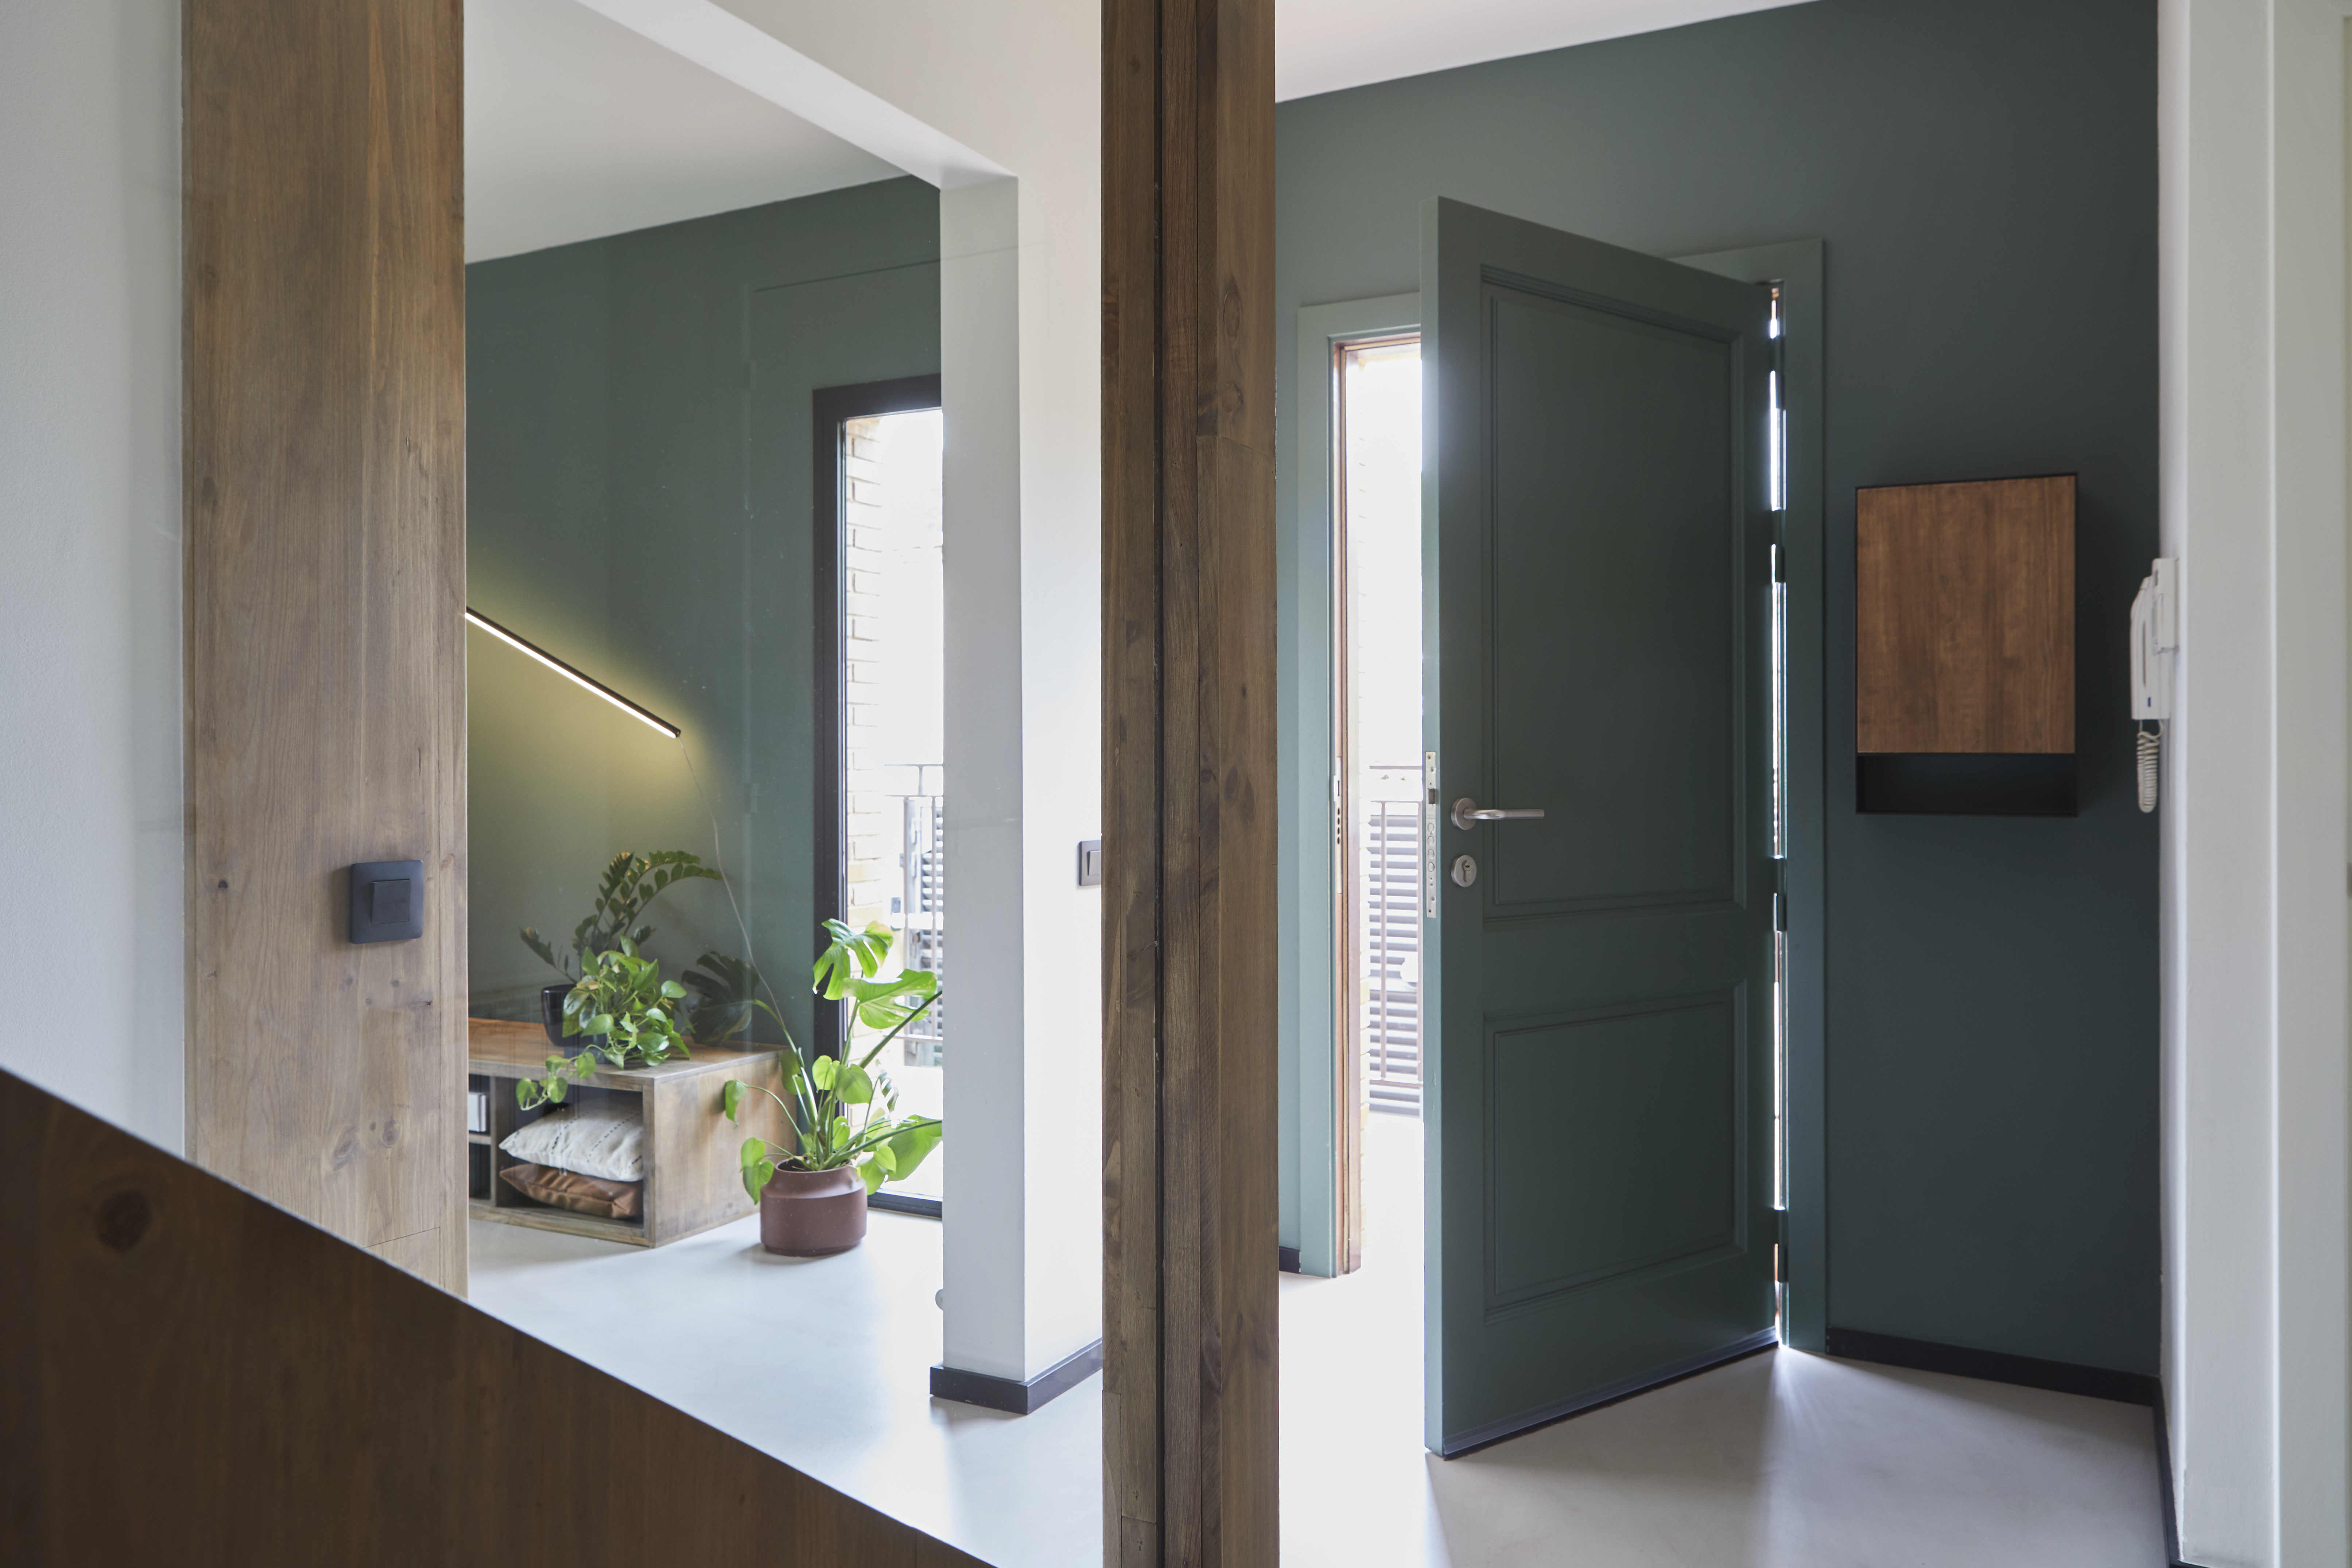 La puerta, también verde